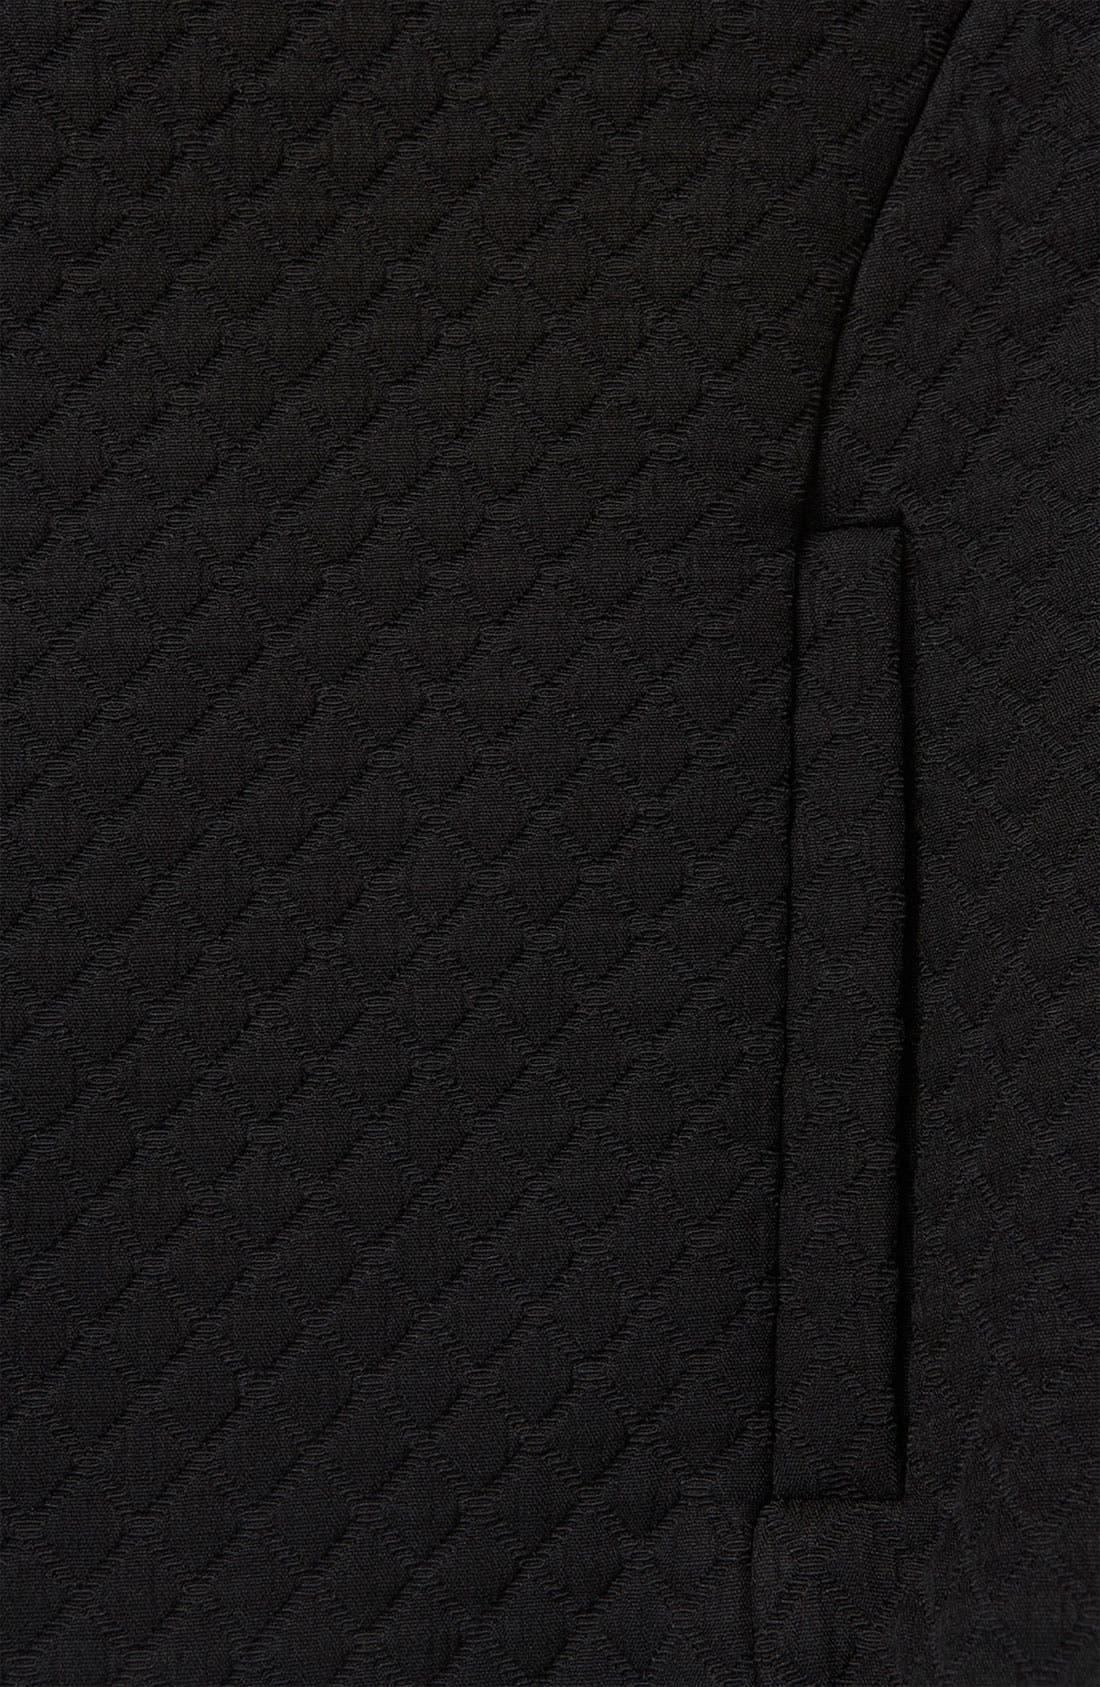 Alternate Image 3  - Topshop Quilted Crop Drop Shoulder Jacket